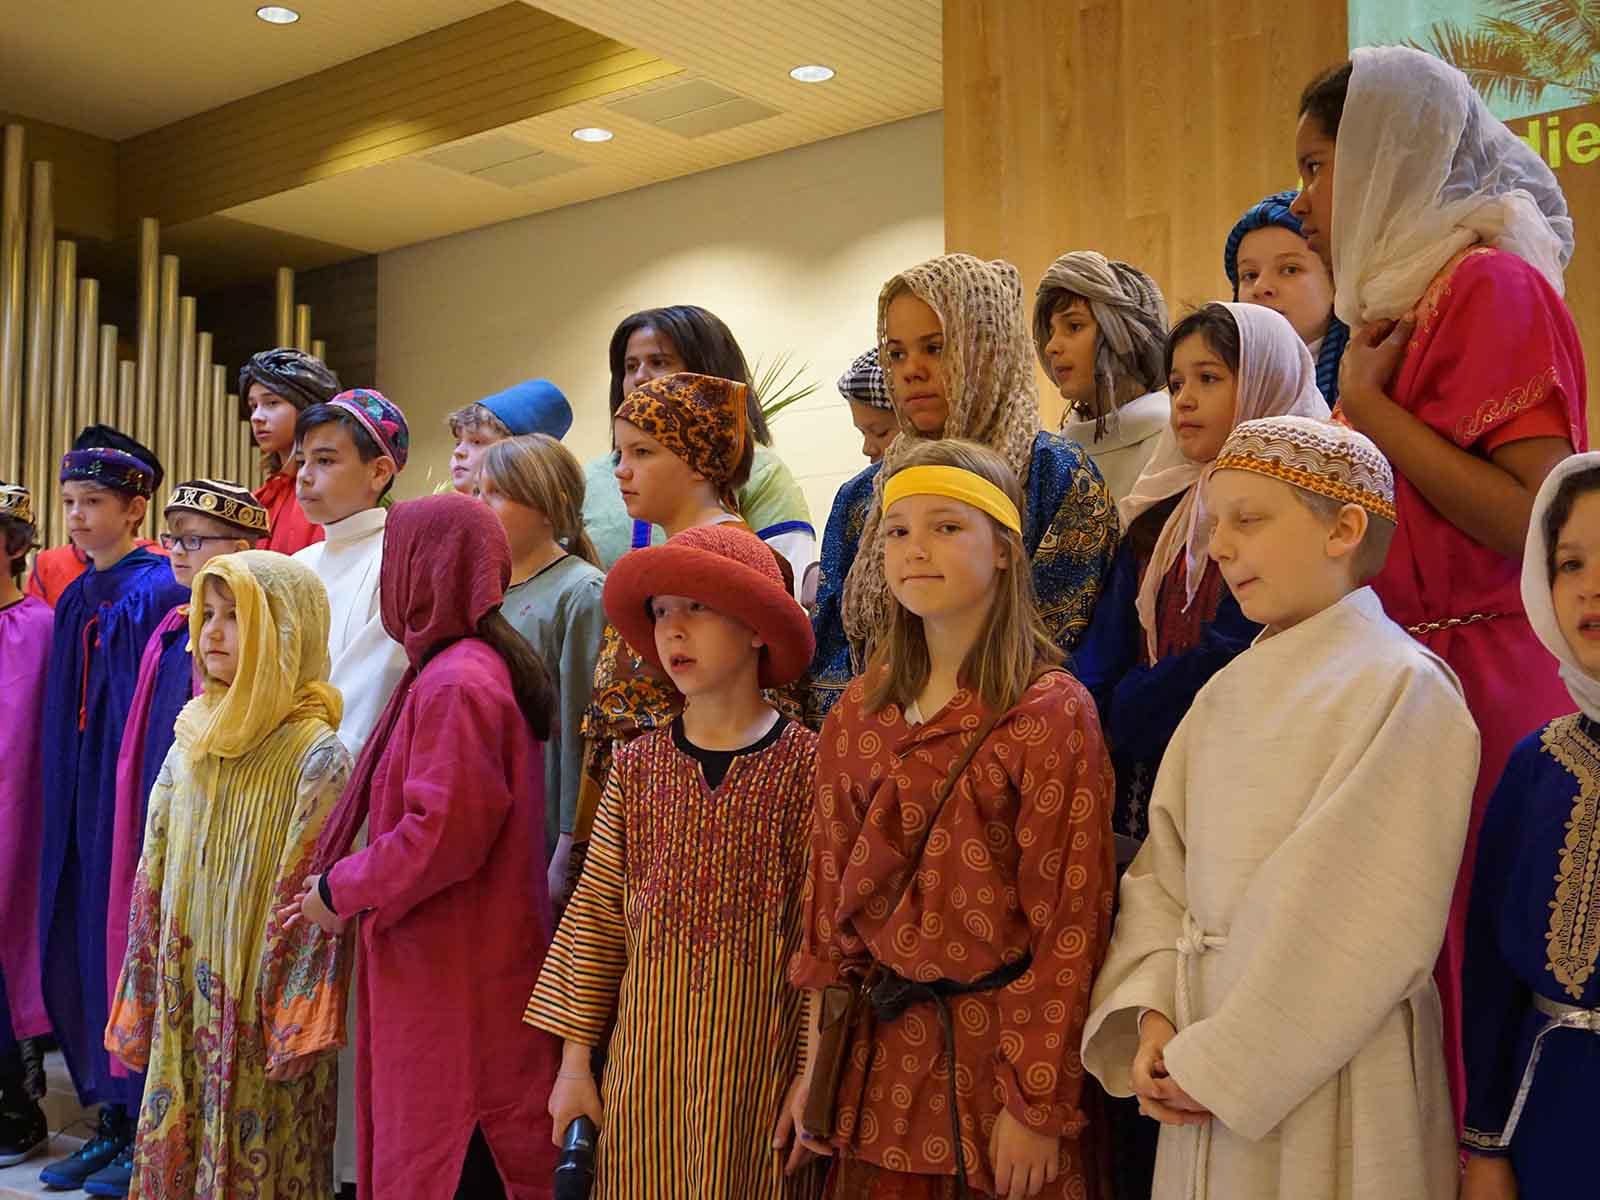 Der Kinderchor «Cantata Seconda» unter der Leitung von Renata Jeker.